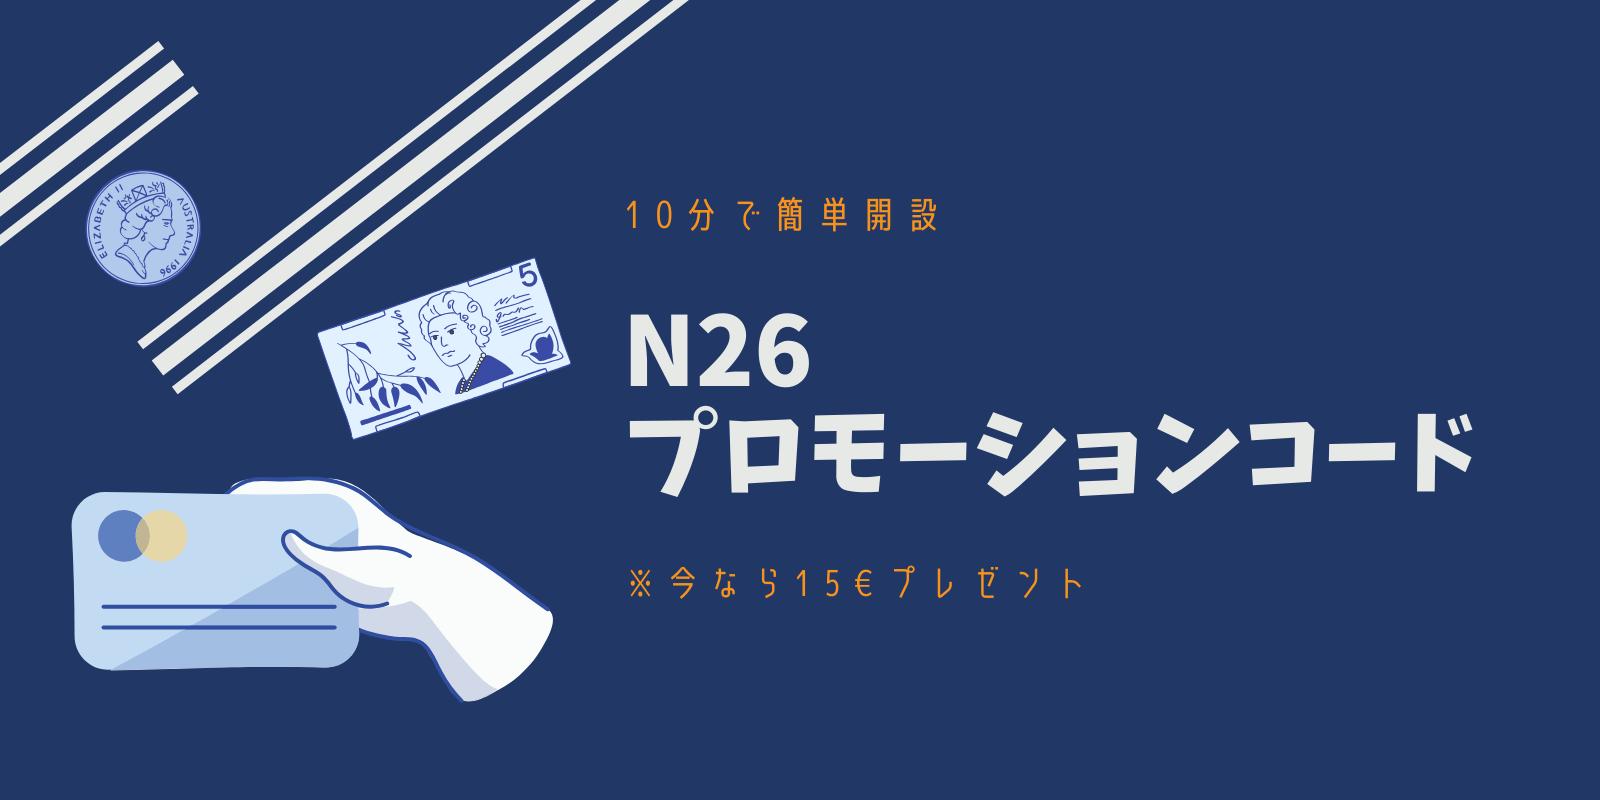 N26 プロモーションコード